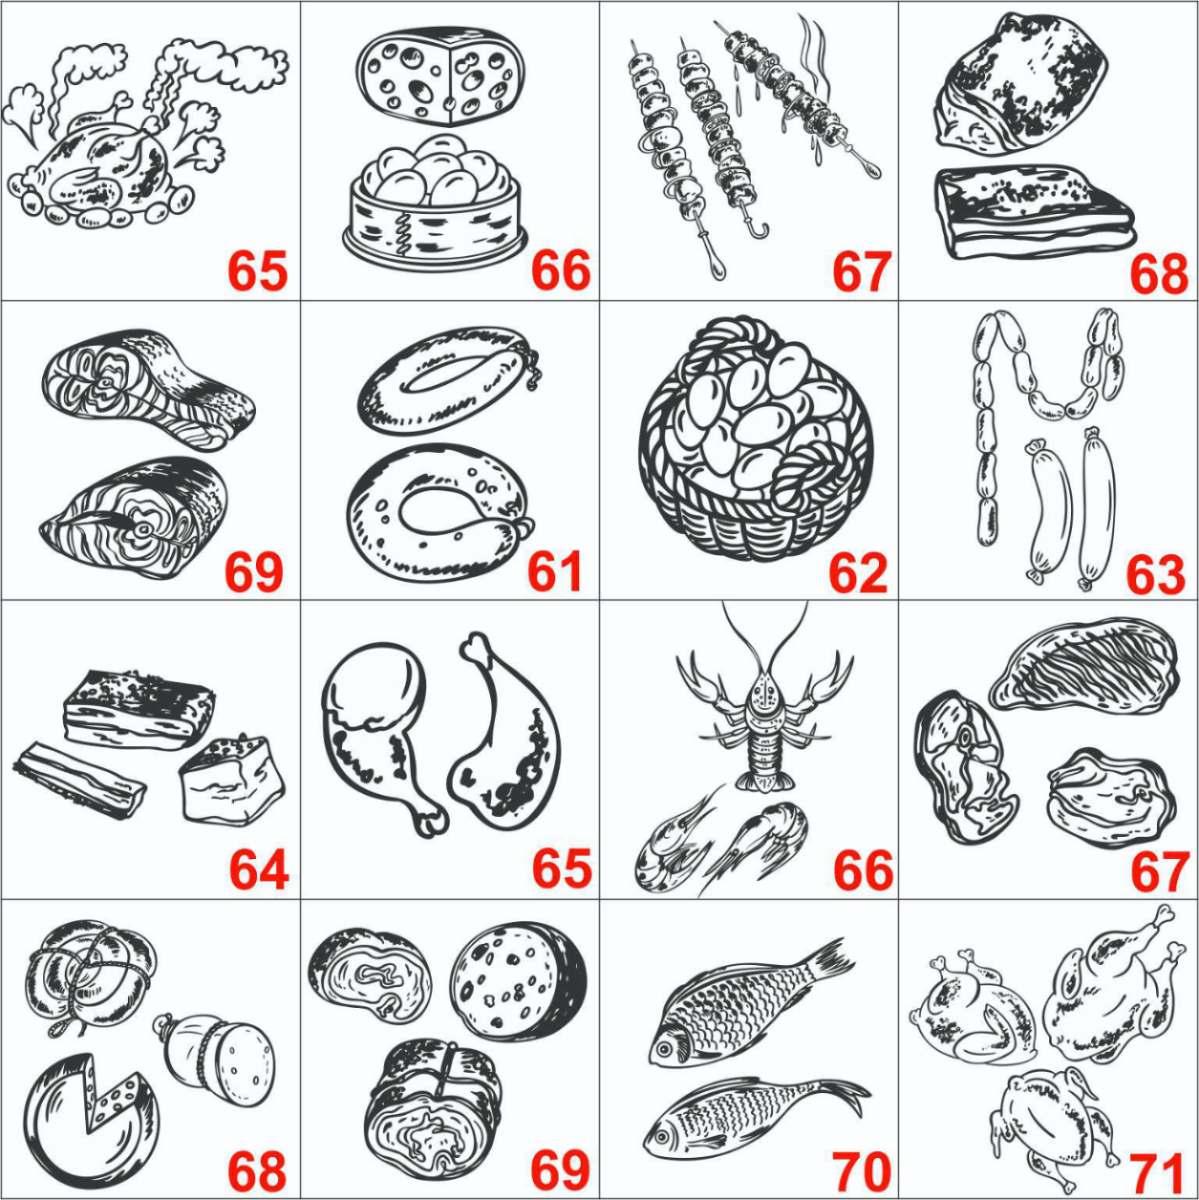 Adesivo De Parede Coruja ~ Adesivo Decorativo De Parede, Desenhos P Decorar Cozinha R$ 12,90 em Mercado Livre